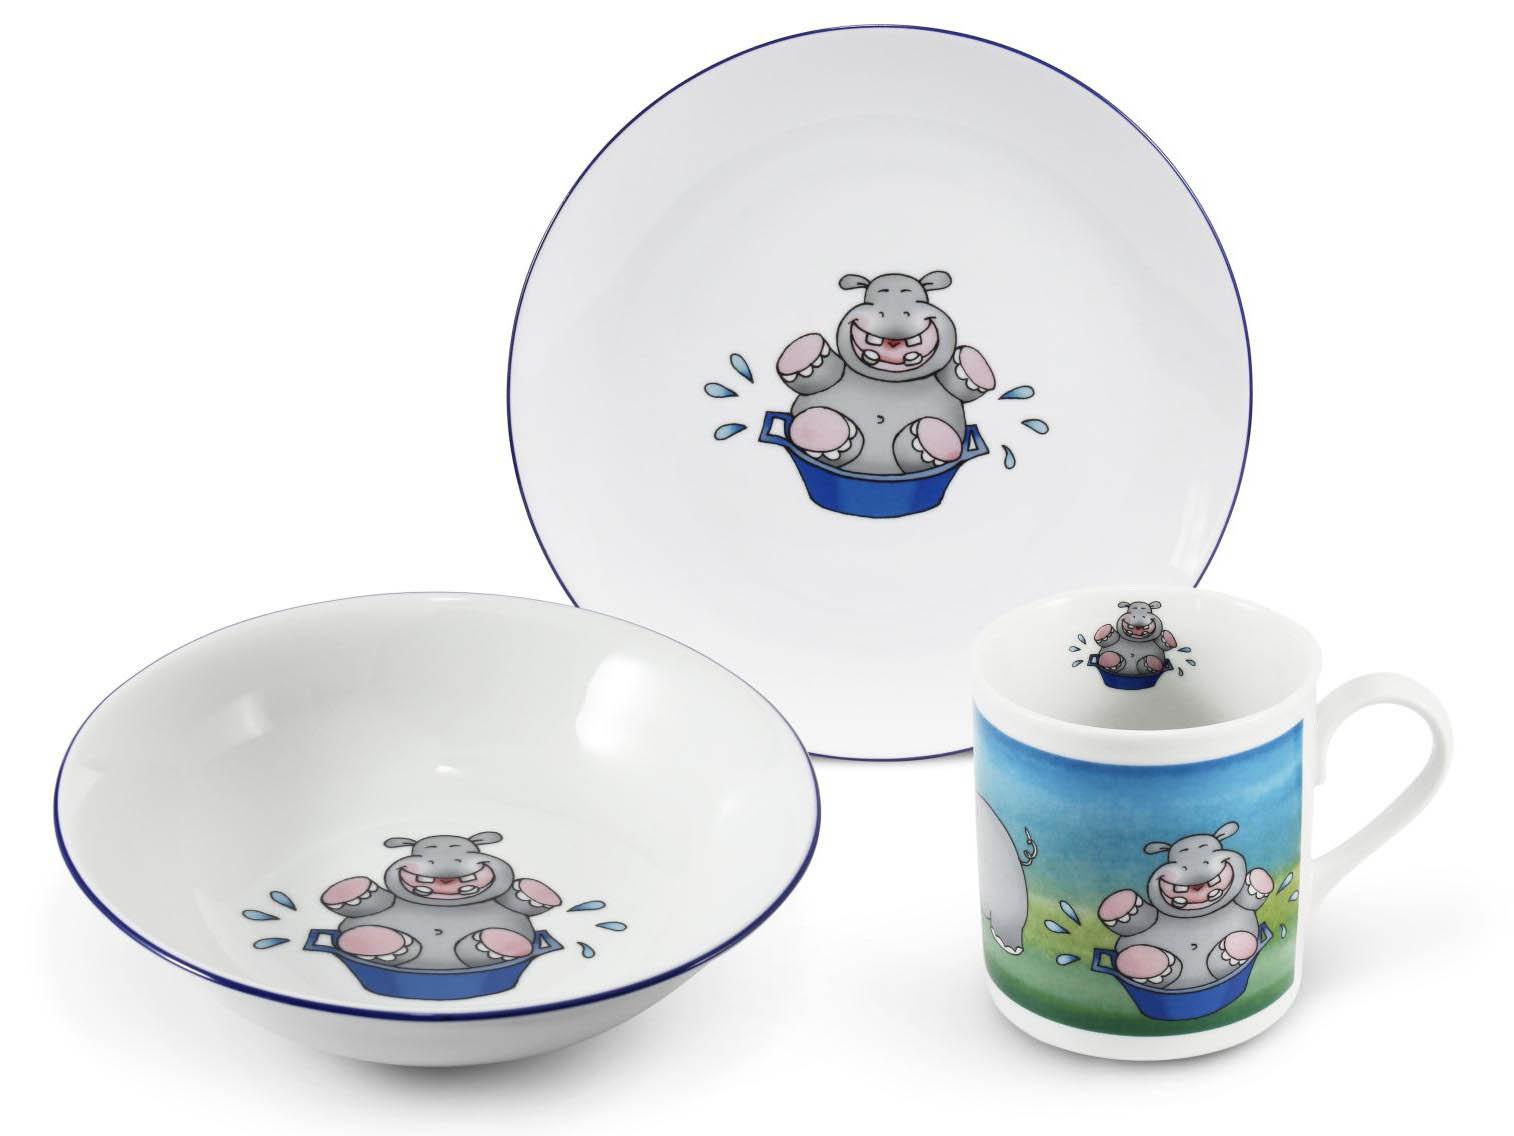 Фото Детский набор посуды Бегемотик, 3 предмета